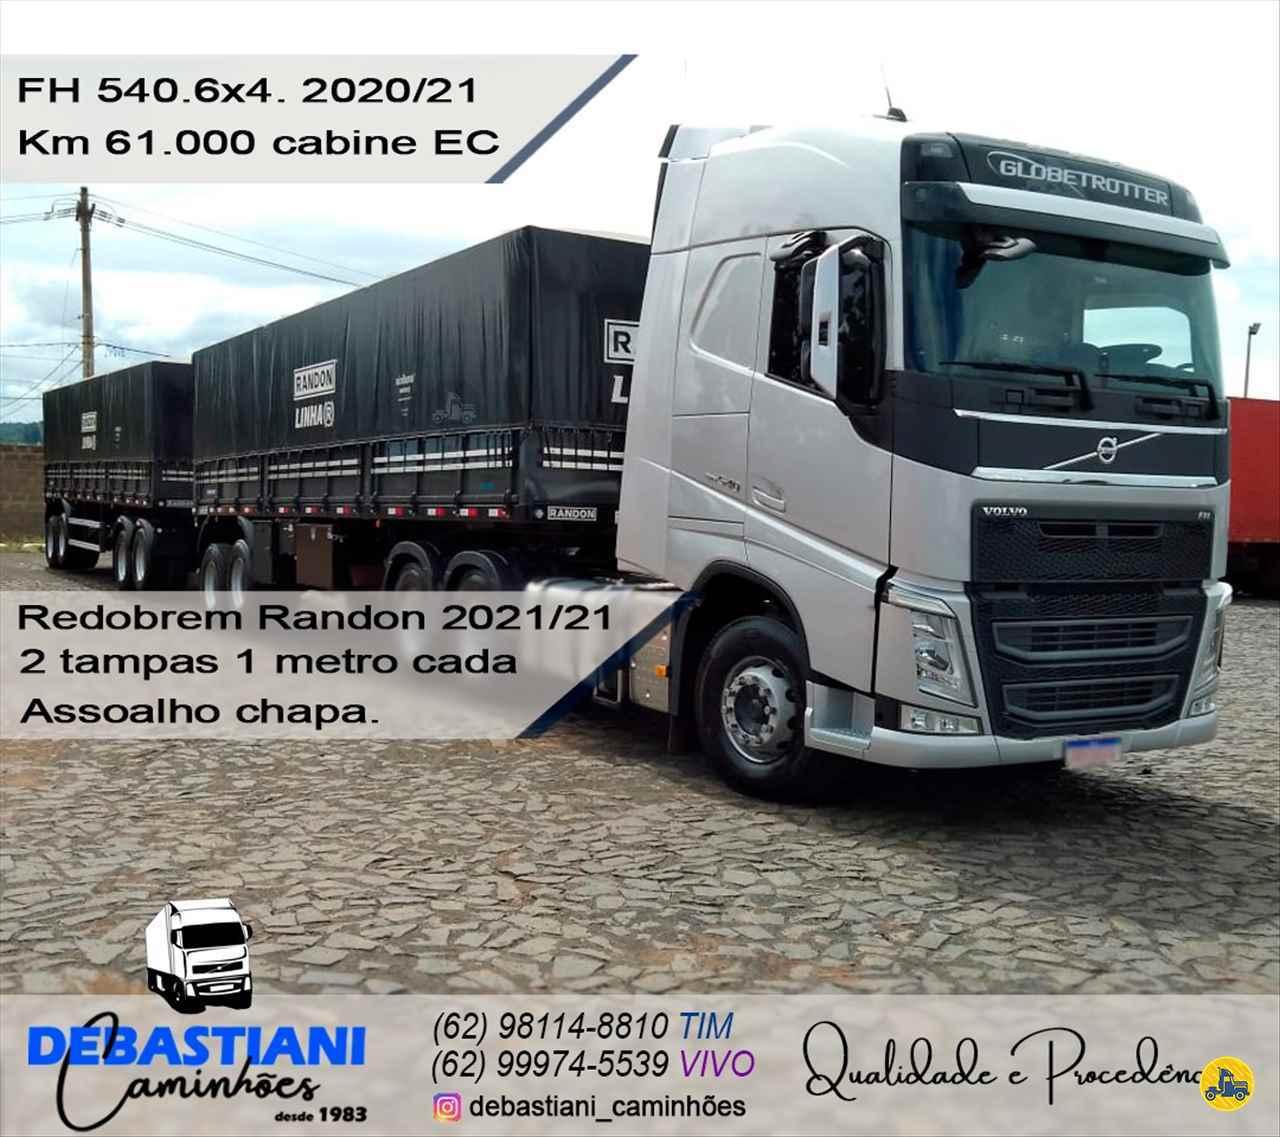 CAMINHAO VOLVO VOLVO FH 540 Cavalo Mecânico Traçado 6x4 Debastiani Caminhões ANAPOLIS GOIAS GO